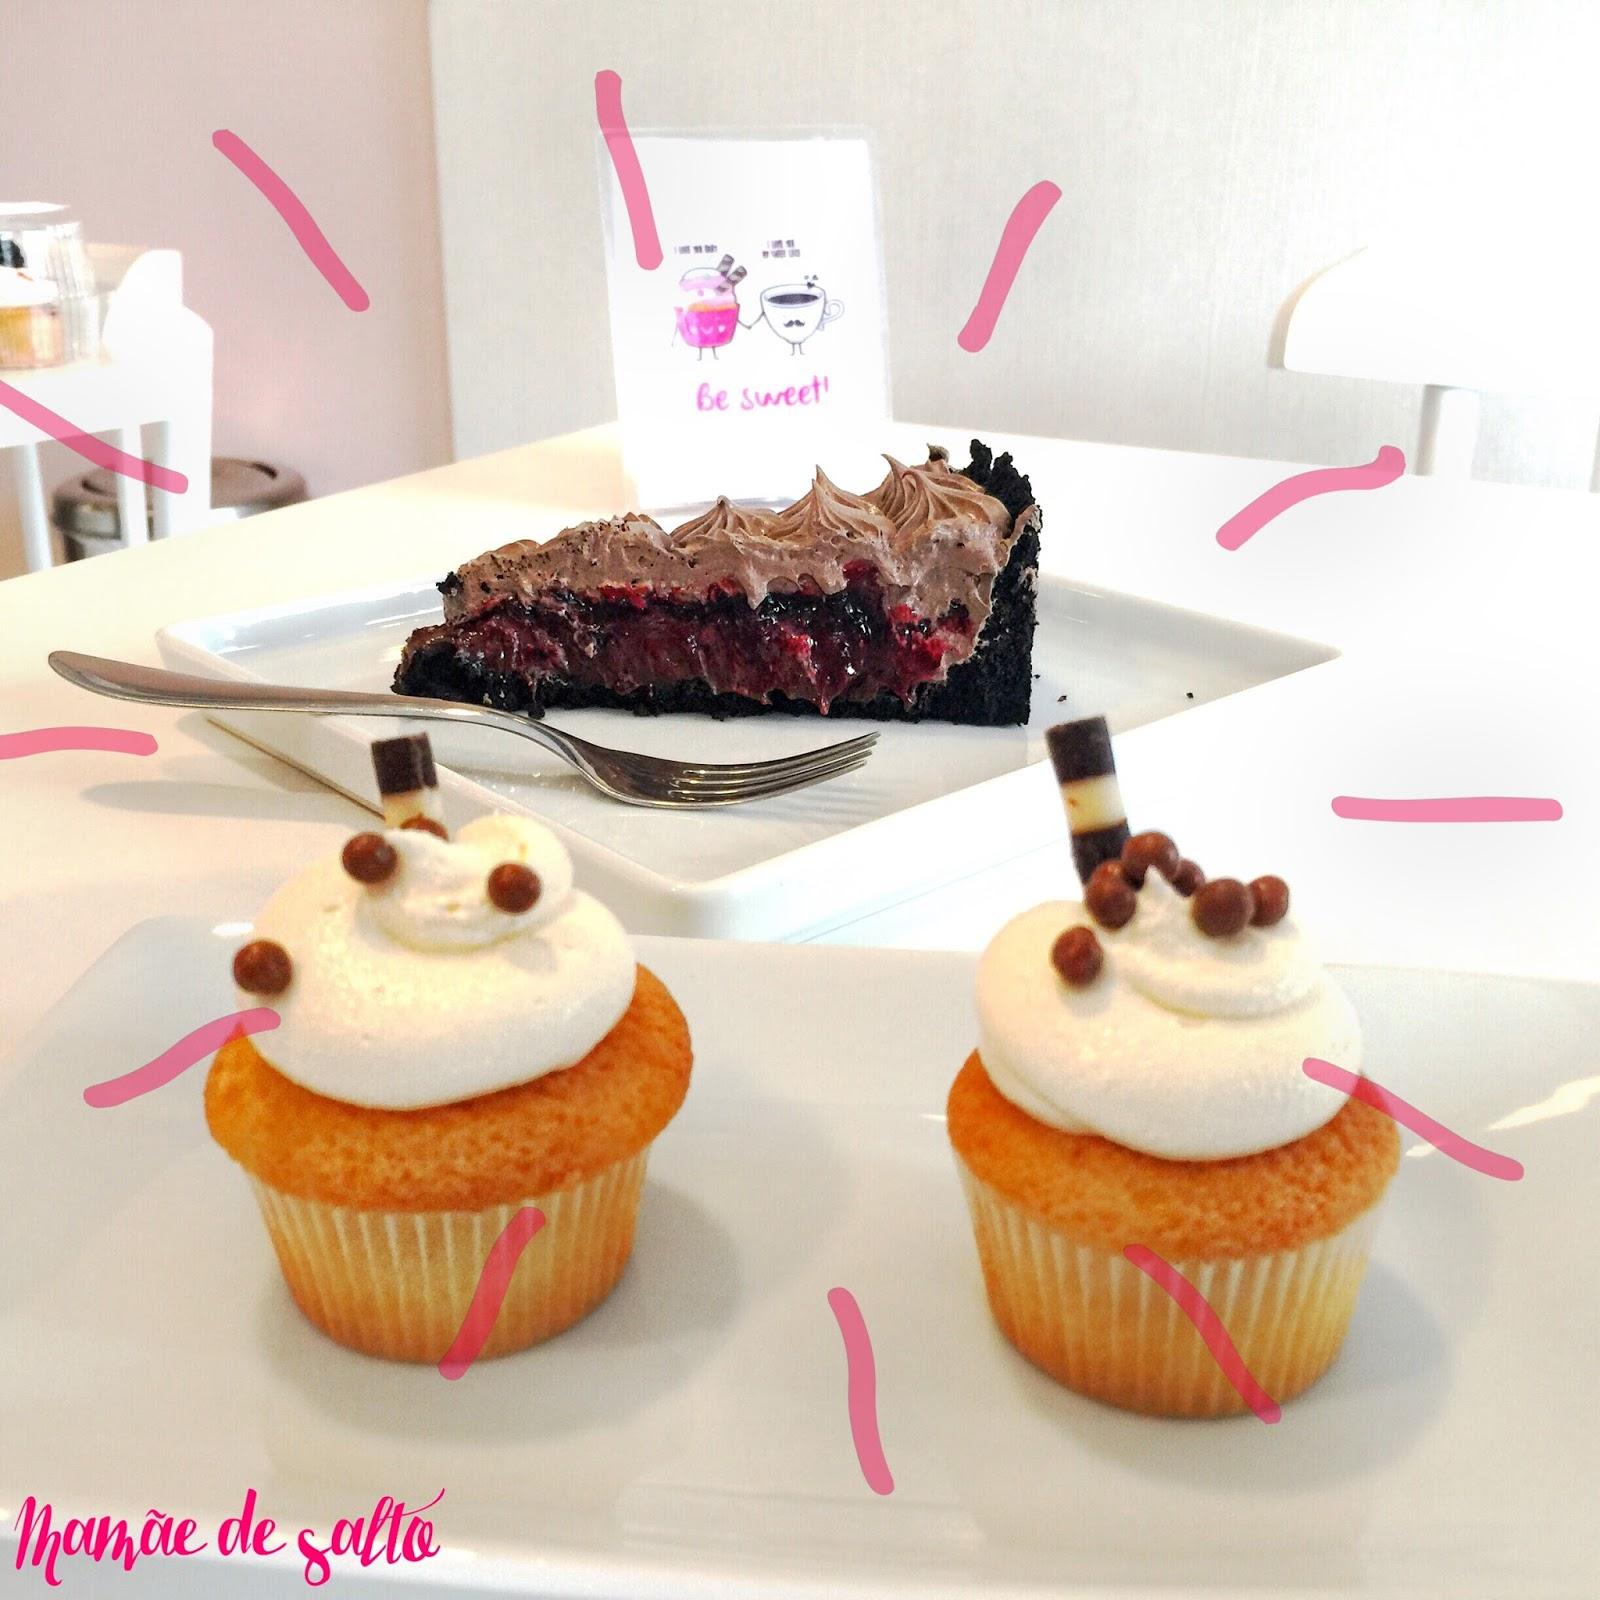 torta oreo com frutas vermelhas e cupcake chocolate branco Sugar Bakery Curitiba/PR ... blog Mamãe de Salto